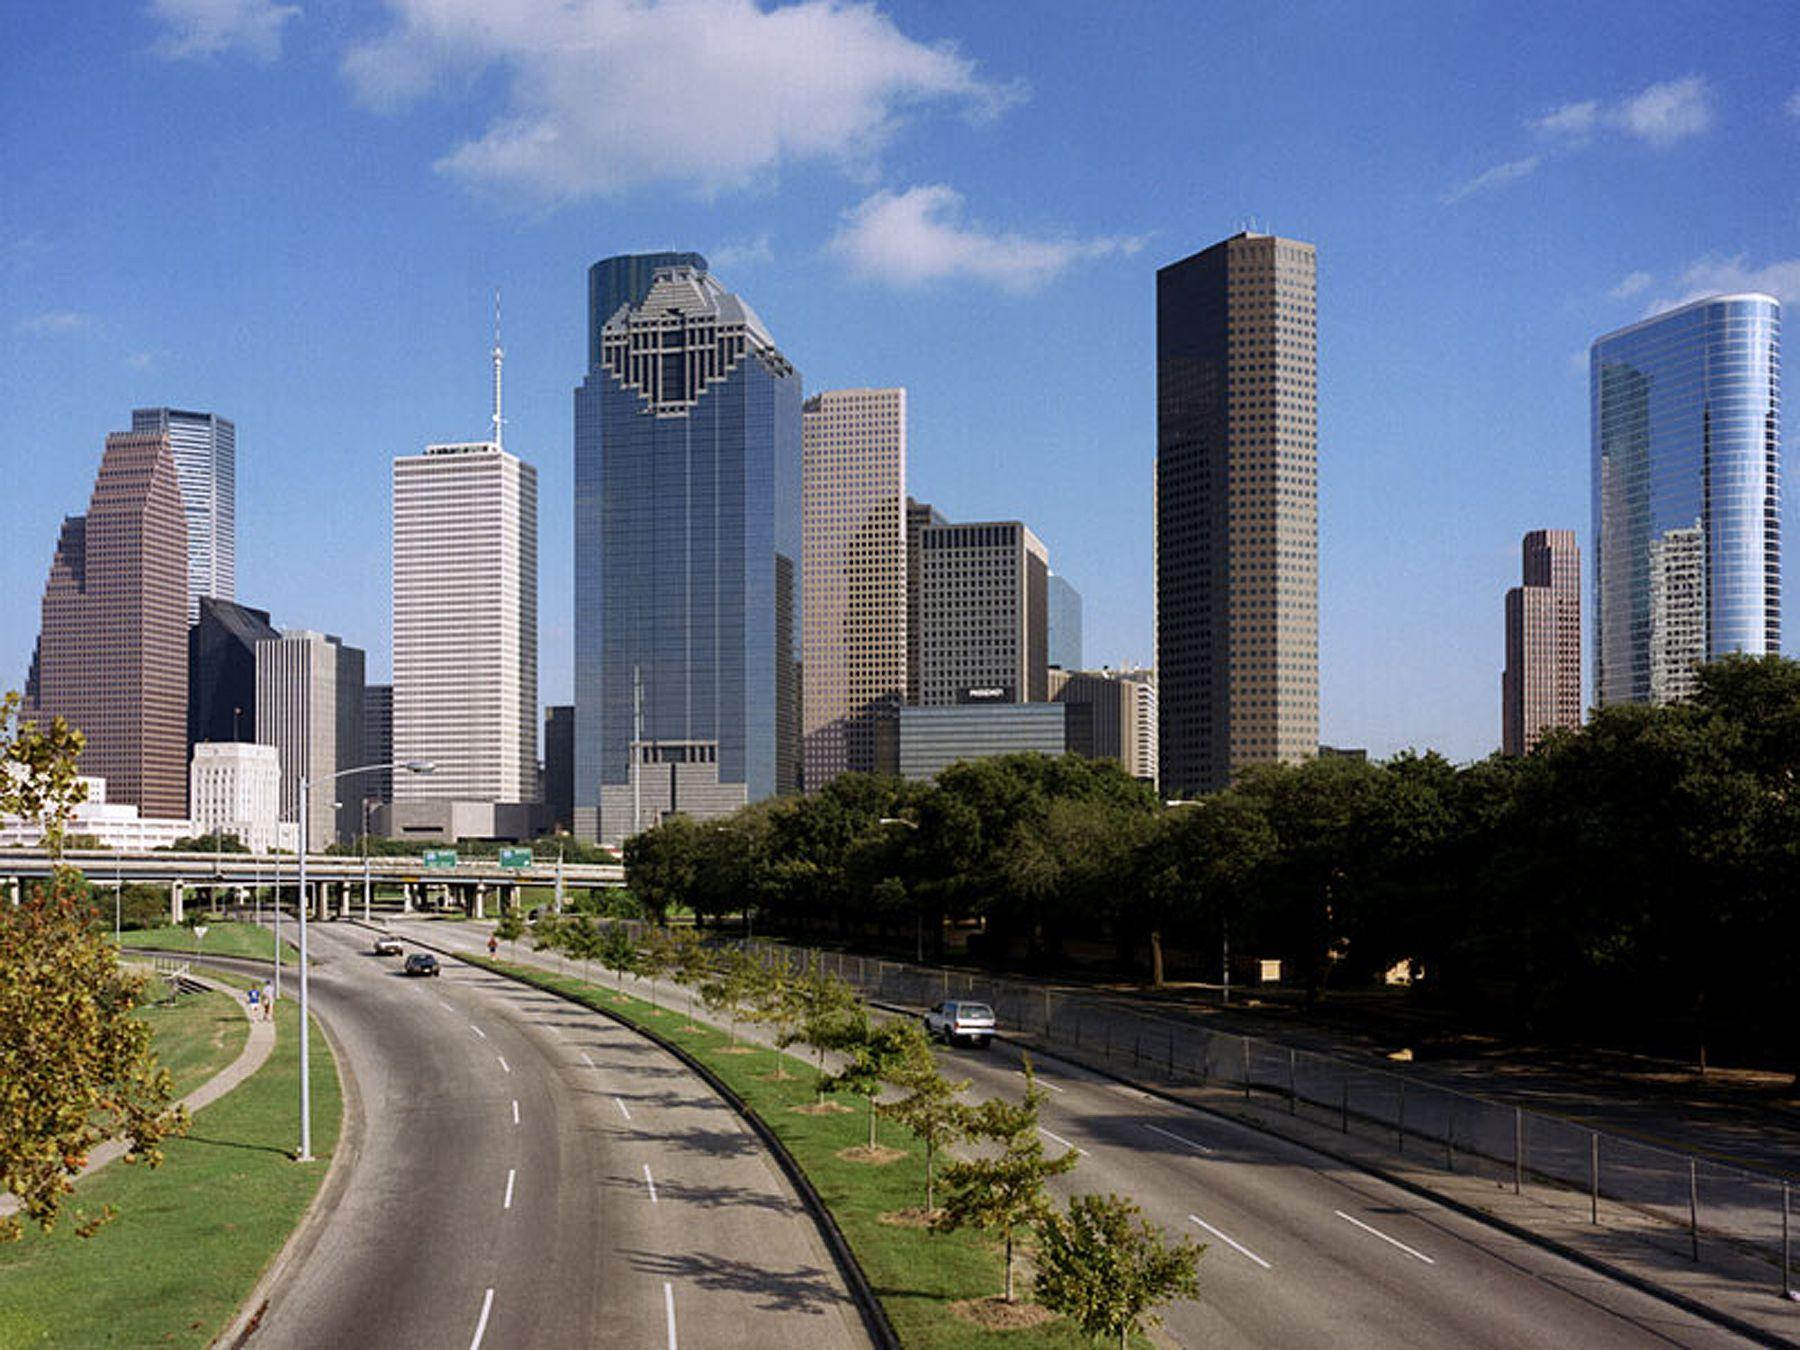 The worst speed traps in Texas Houston skyline, Houston